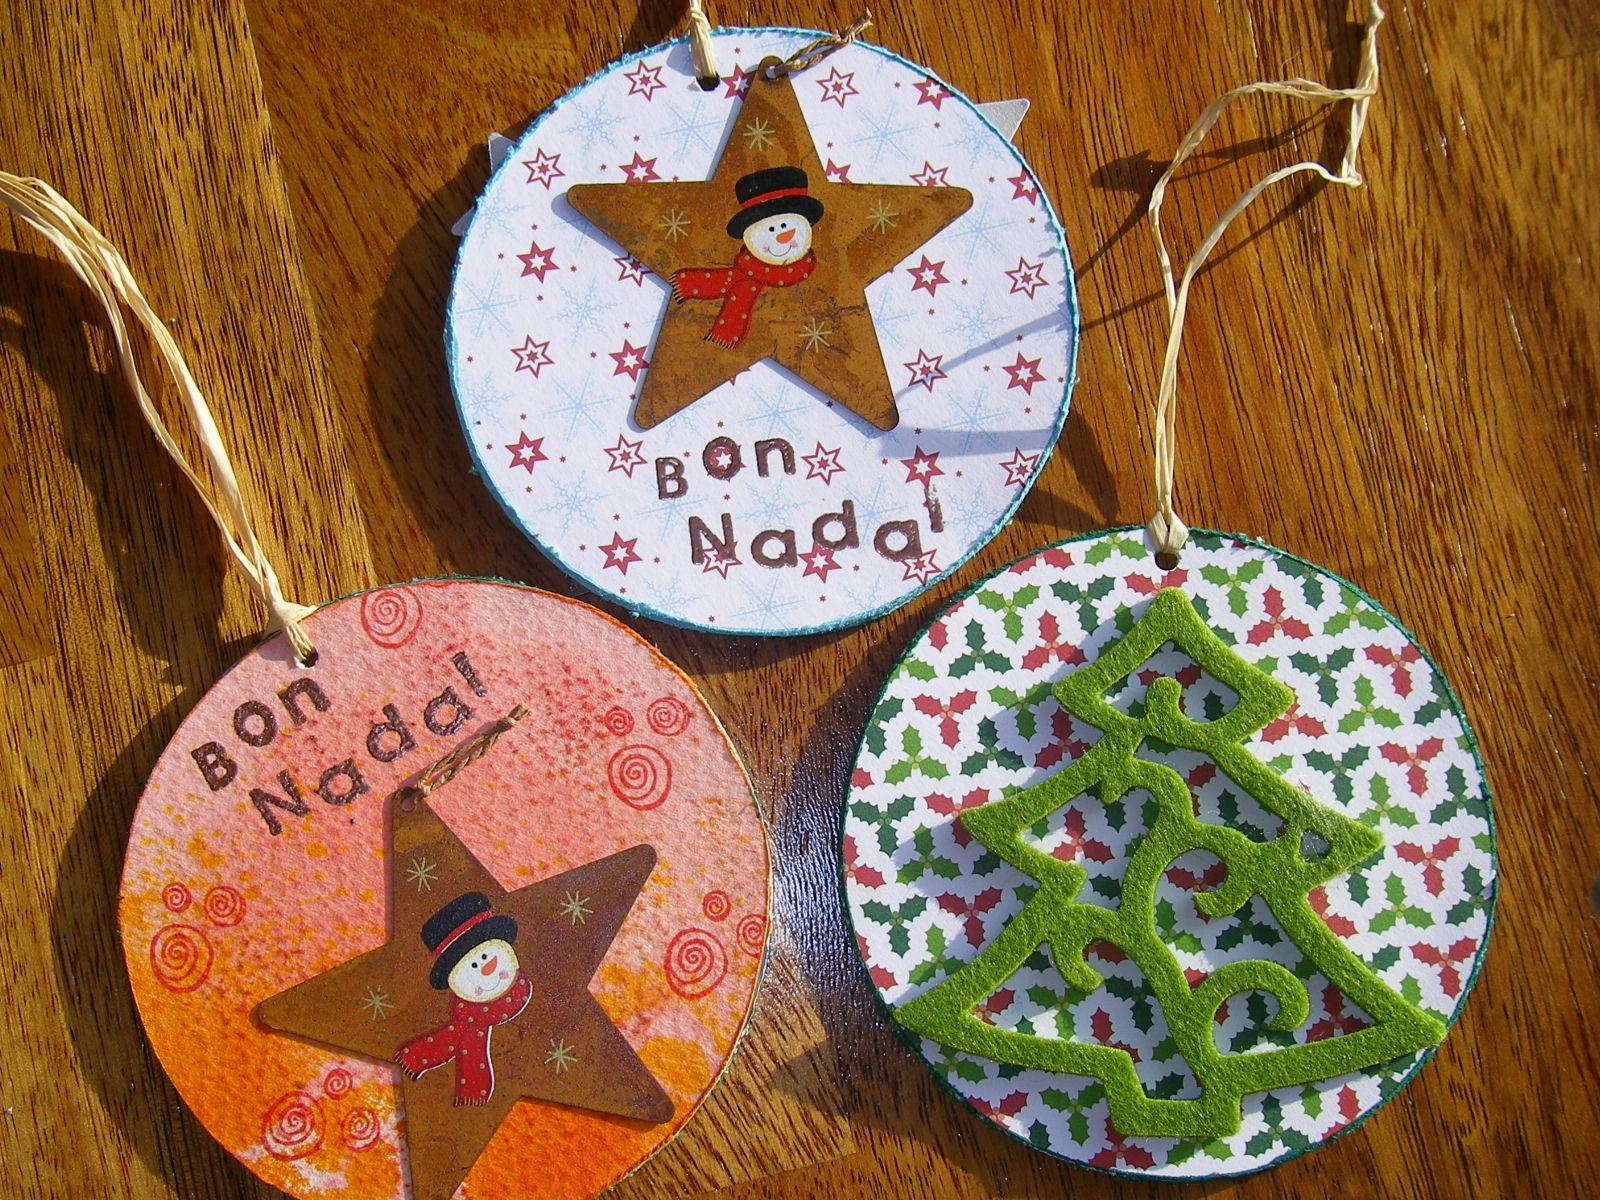 para hacer postales de navidad laura nos ense a decorar velas y mnica nos di grandes ideas para hacer nuestras postales por ejemplo utilizar cds